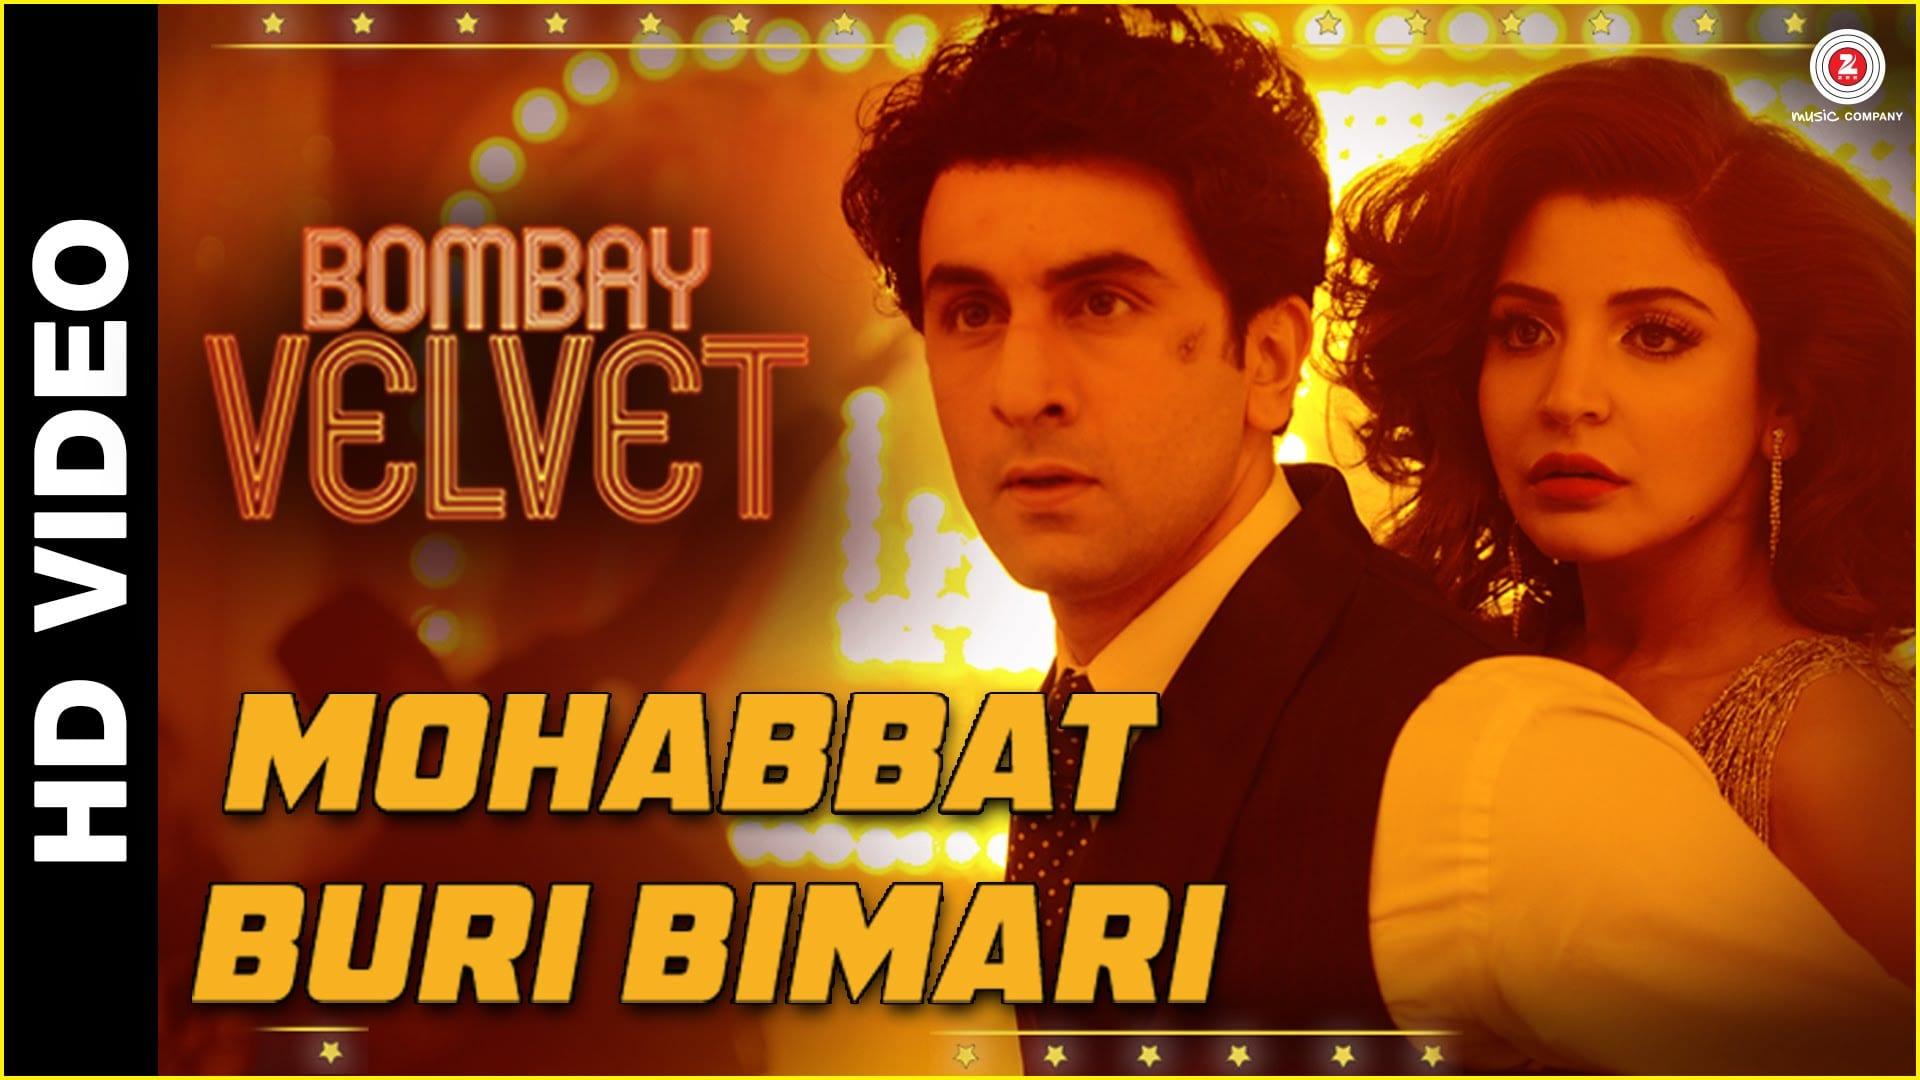 Mohabbat Buri Bimari Video Song – Bombay Velvet | Official Video Song